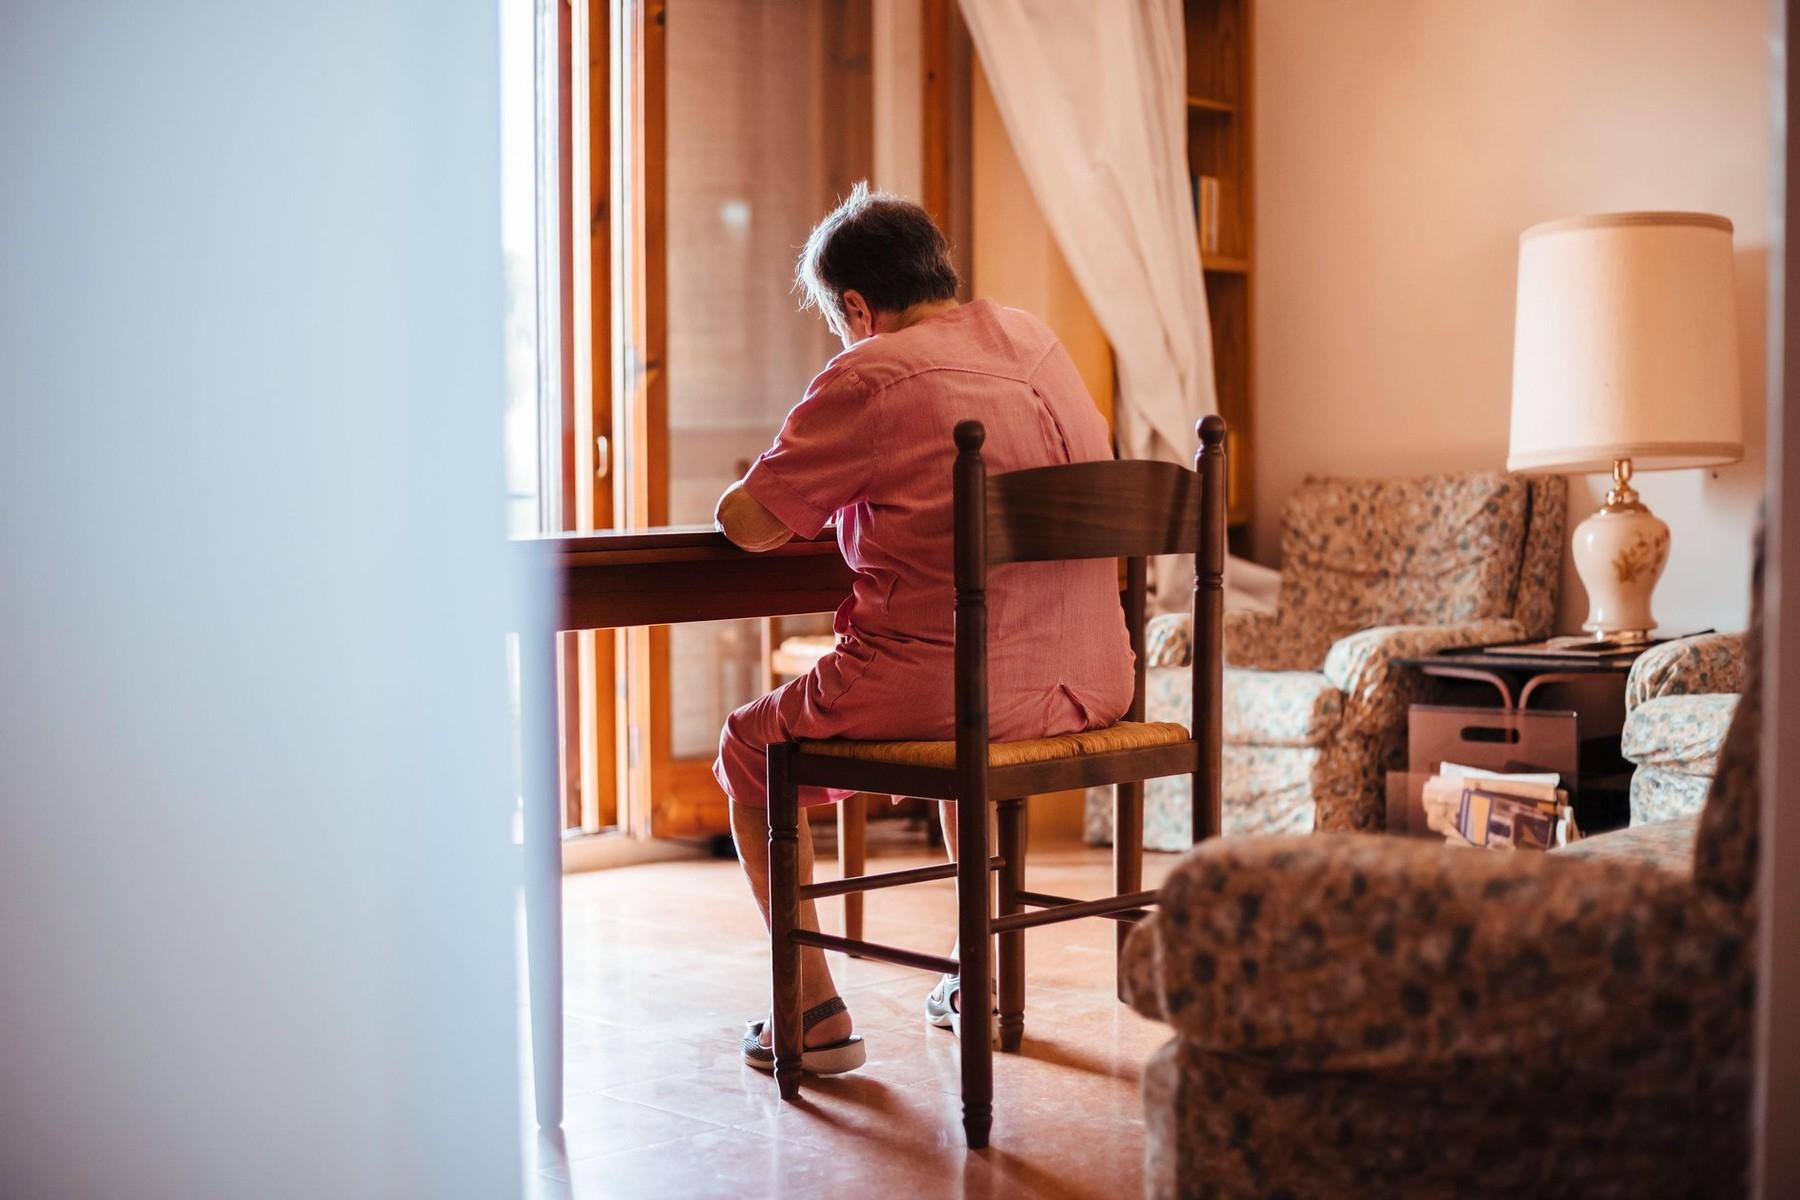 PROMIJENILA SE LISTA VODEĆIH UZROKA SMRTI U SVIJETU: Demencija i dijabetes ušli su među 10 najčešćih; Evo što još ubija